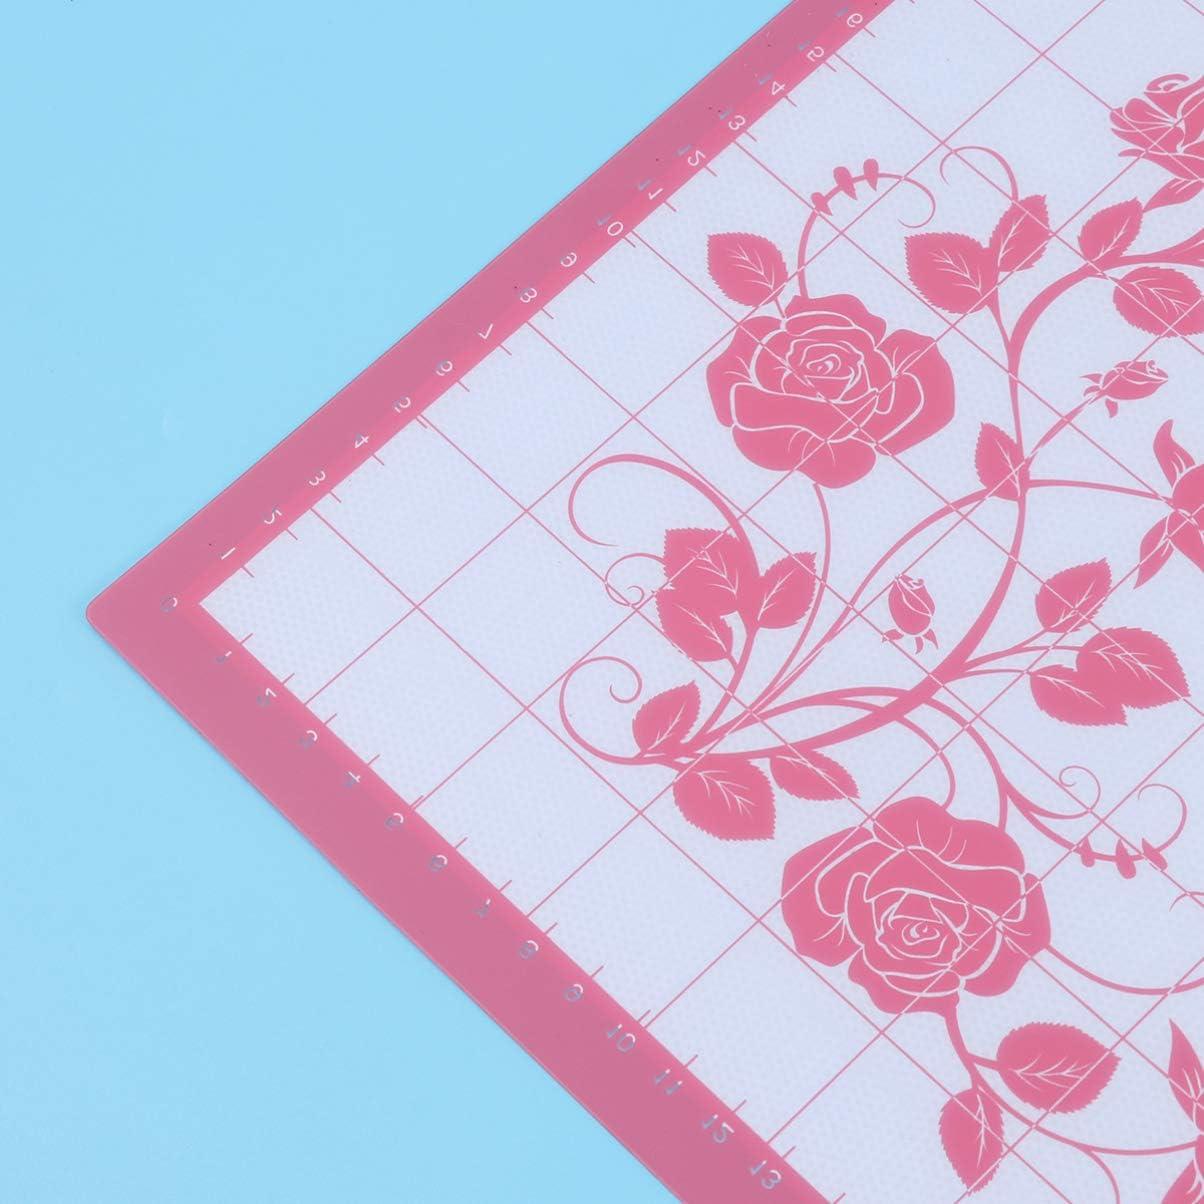 SUPVOX 4pcs 12 * 12 alfombrillas de plotter de corte alfombrilla de corte de agarre estándar alfombras de máquina de tallado almohadillas de tallado para tienda restaurante hogar: Amazon.es: Hogar